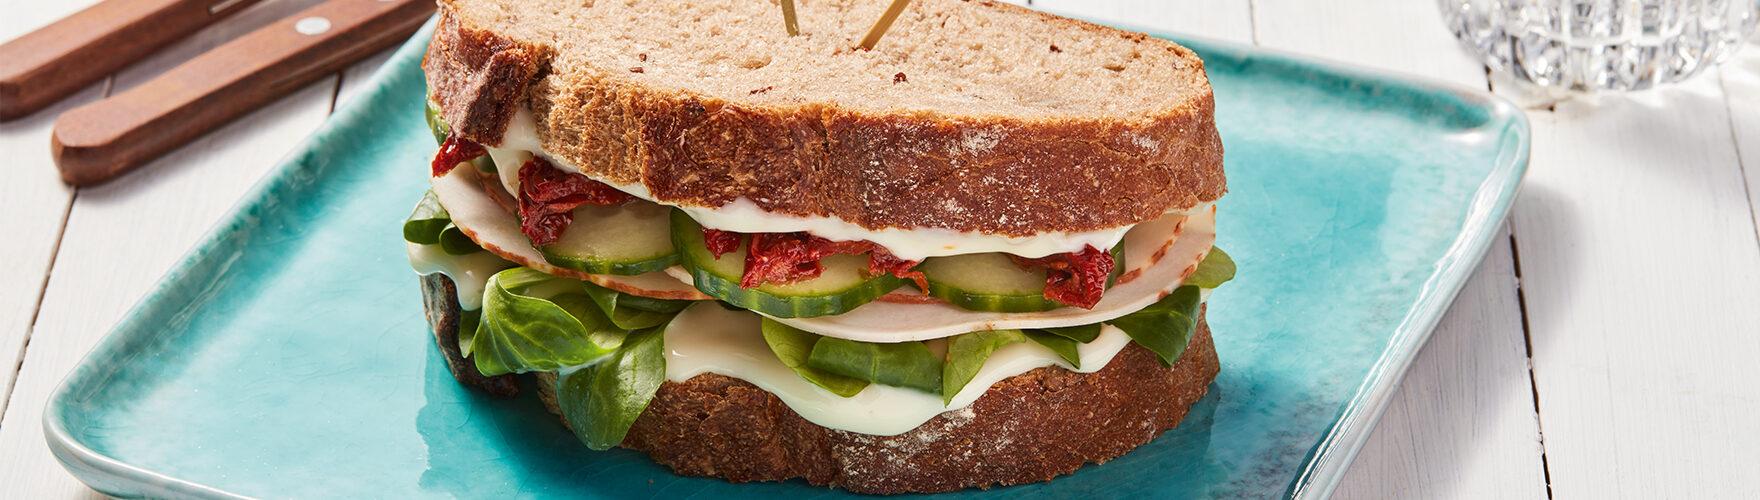 Verse boerenbrood sandwich met gerookte kipfilet